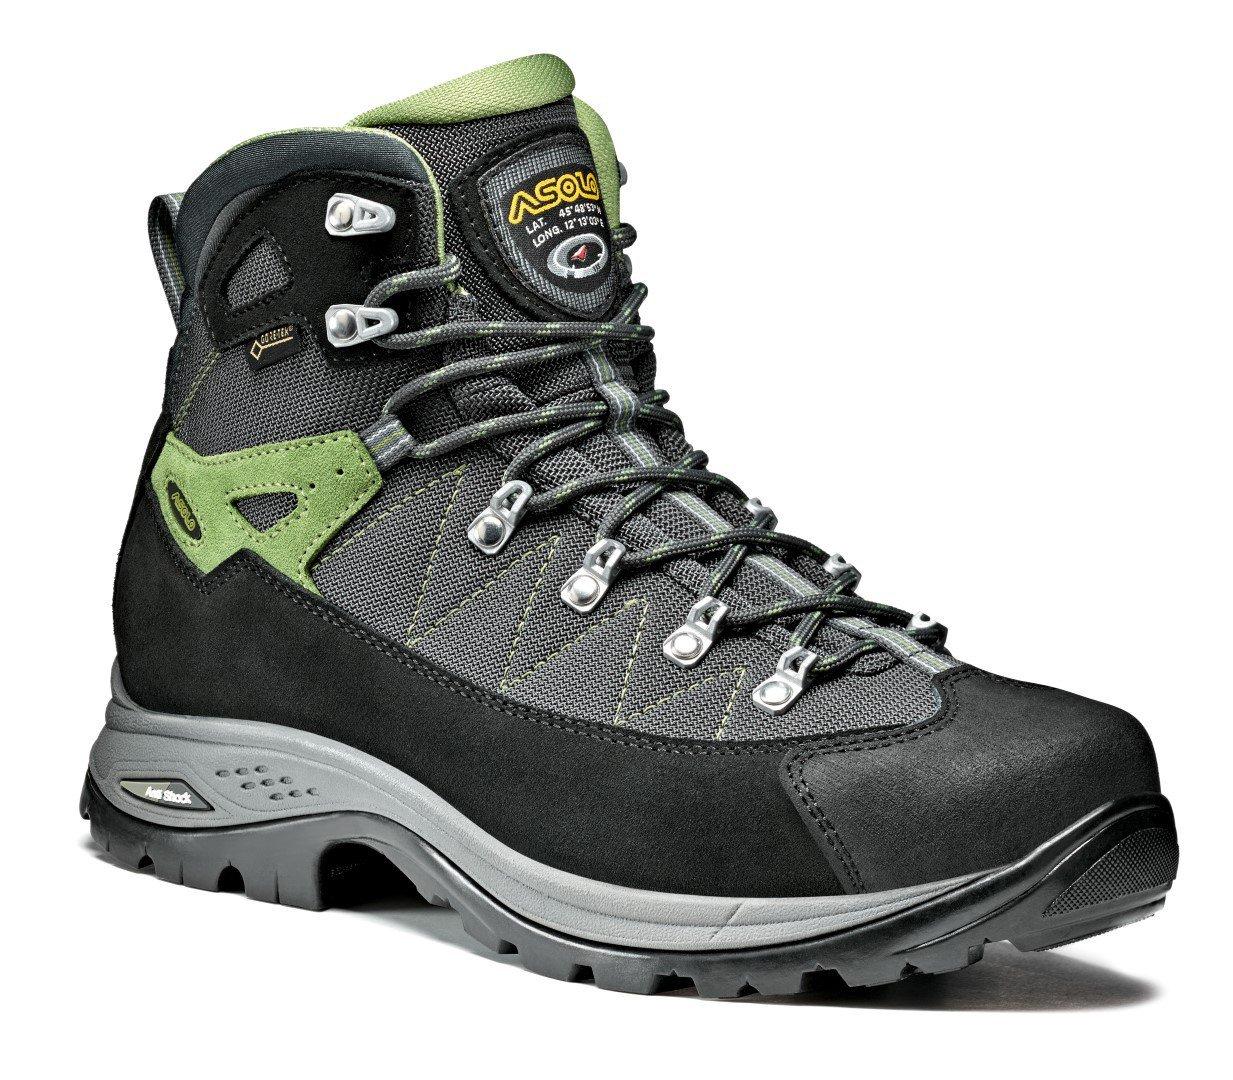 Finder BootsSportamp; Asolo Walking Gv Freizeit 2Ie9WEDHY